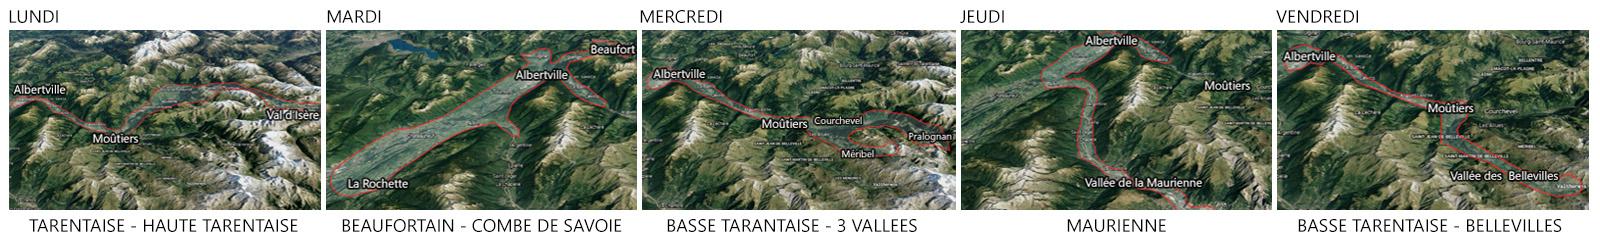 Livraisons en savoie, maurienne, tarentaise, beaufortain, 3 vallées.